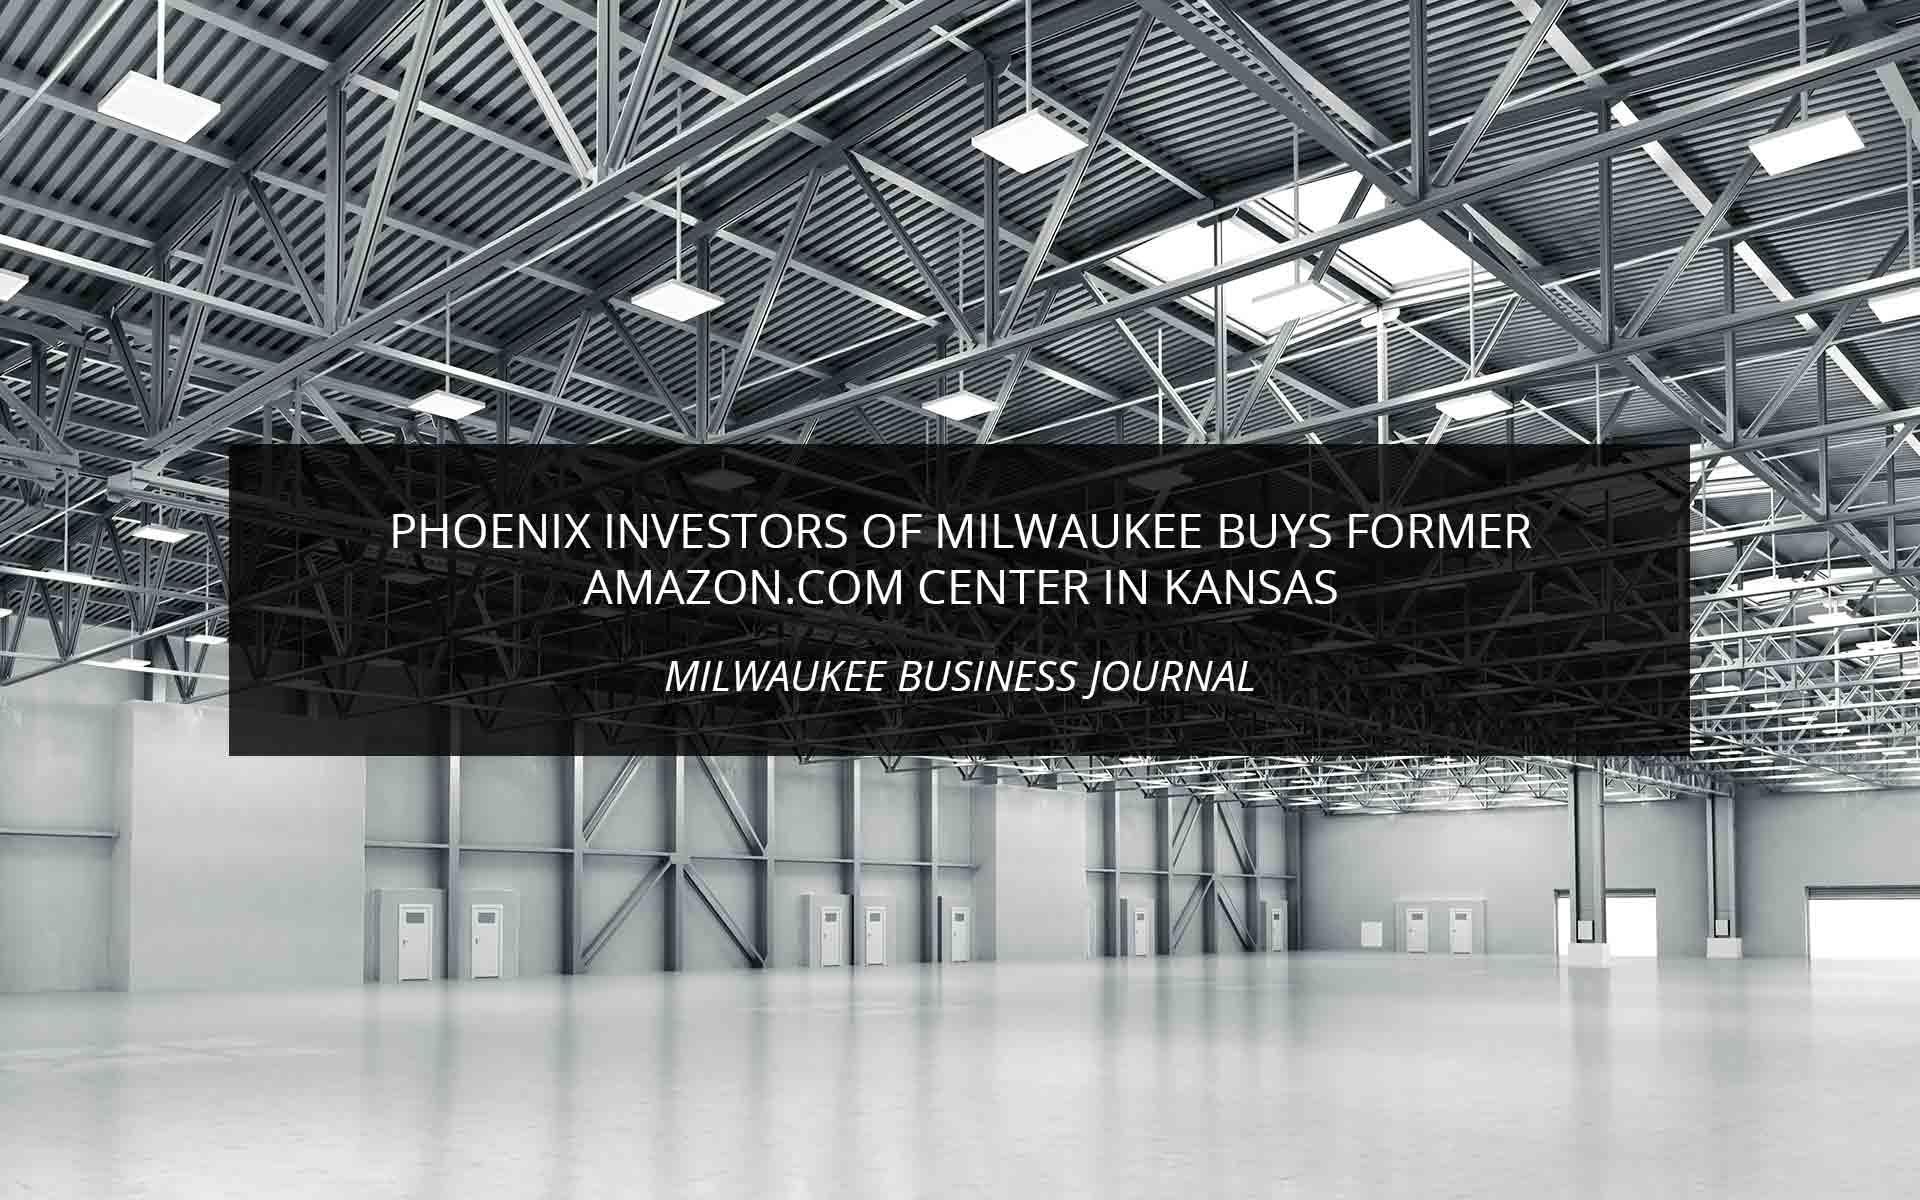 Phoenix Investors | Amazon.com